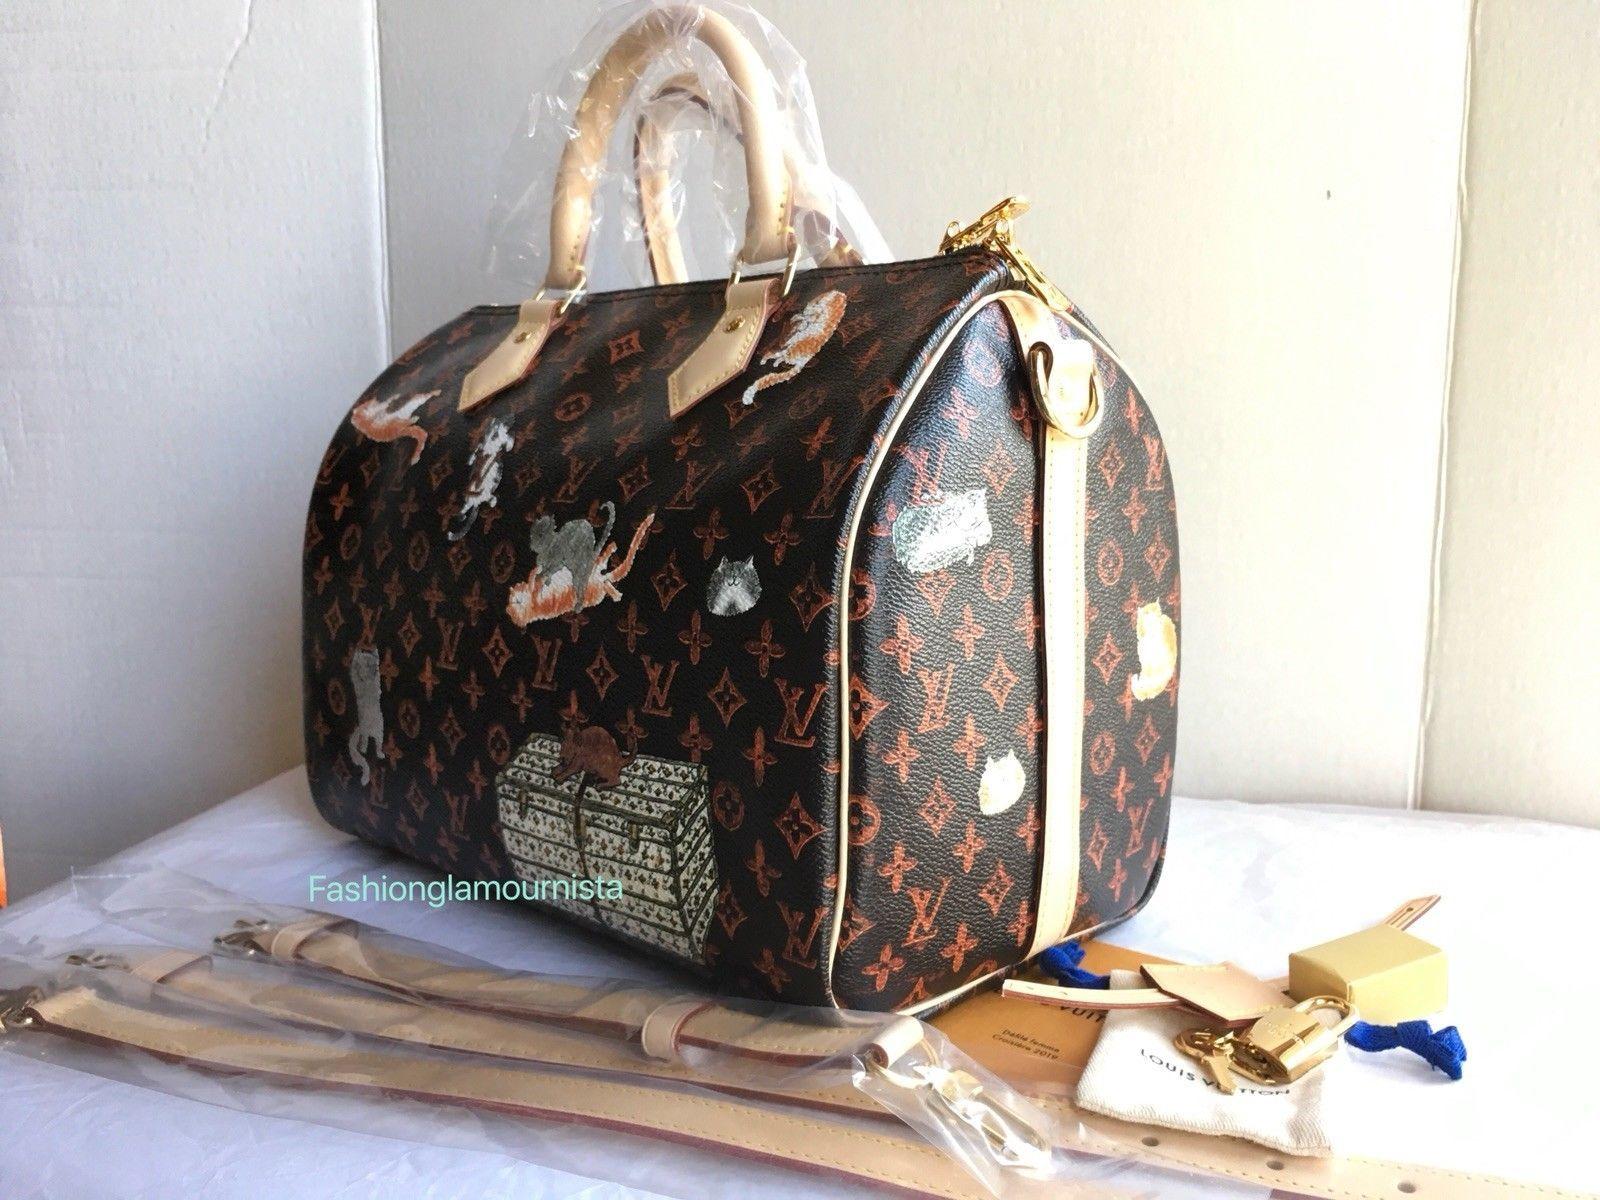 562c21f52fde4 Auth BNIB Louis Vuitton Catogram Speedy Bandouliere 30 Grace Coddington Bag